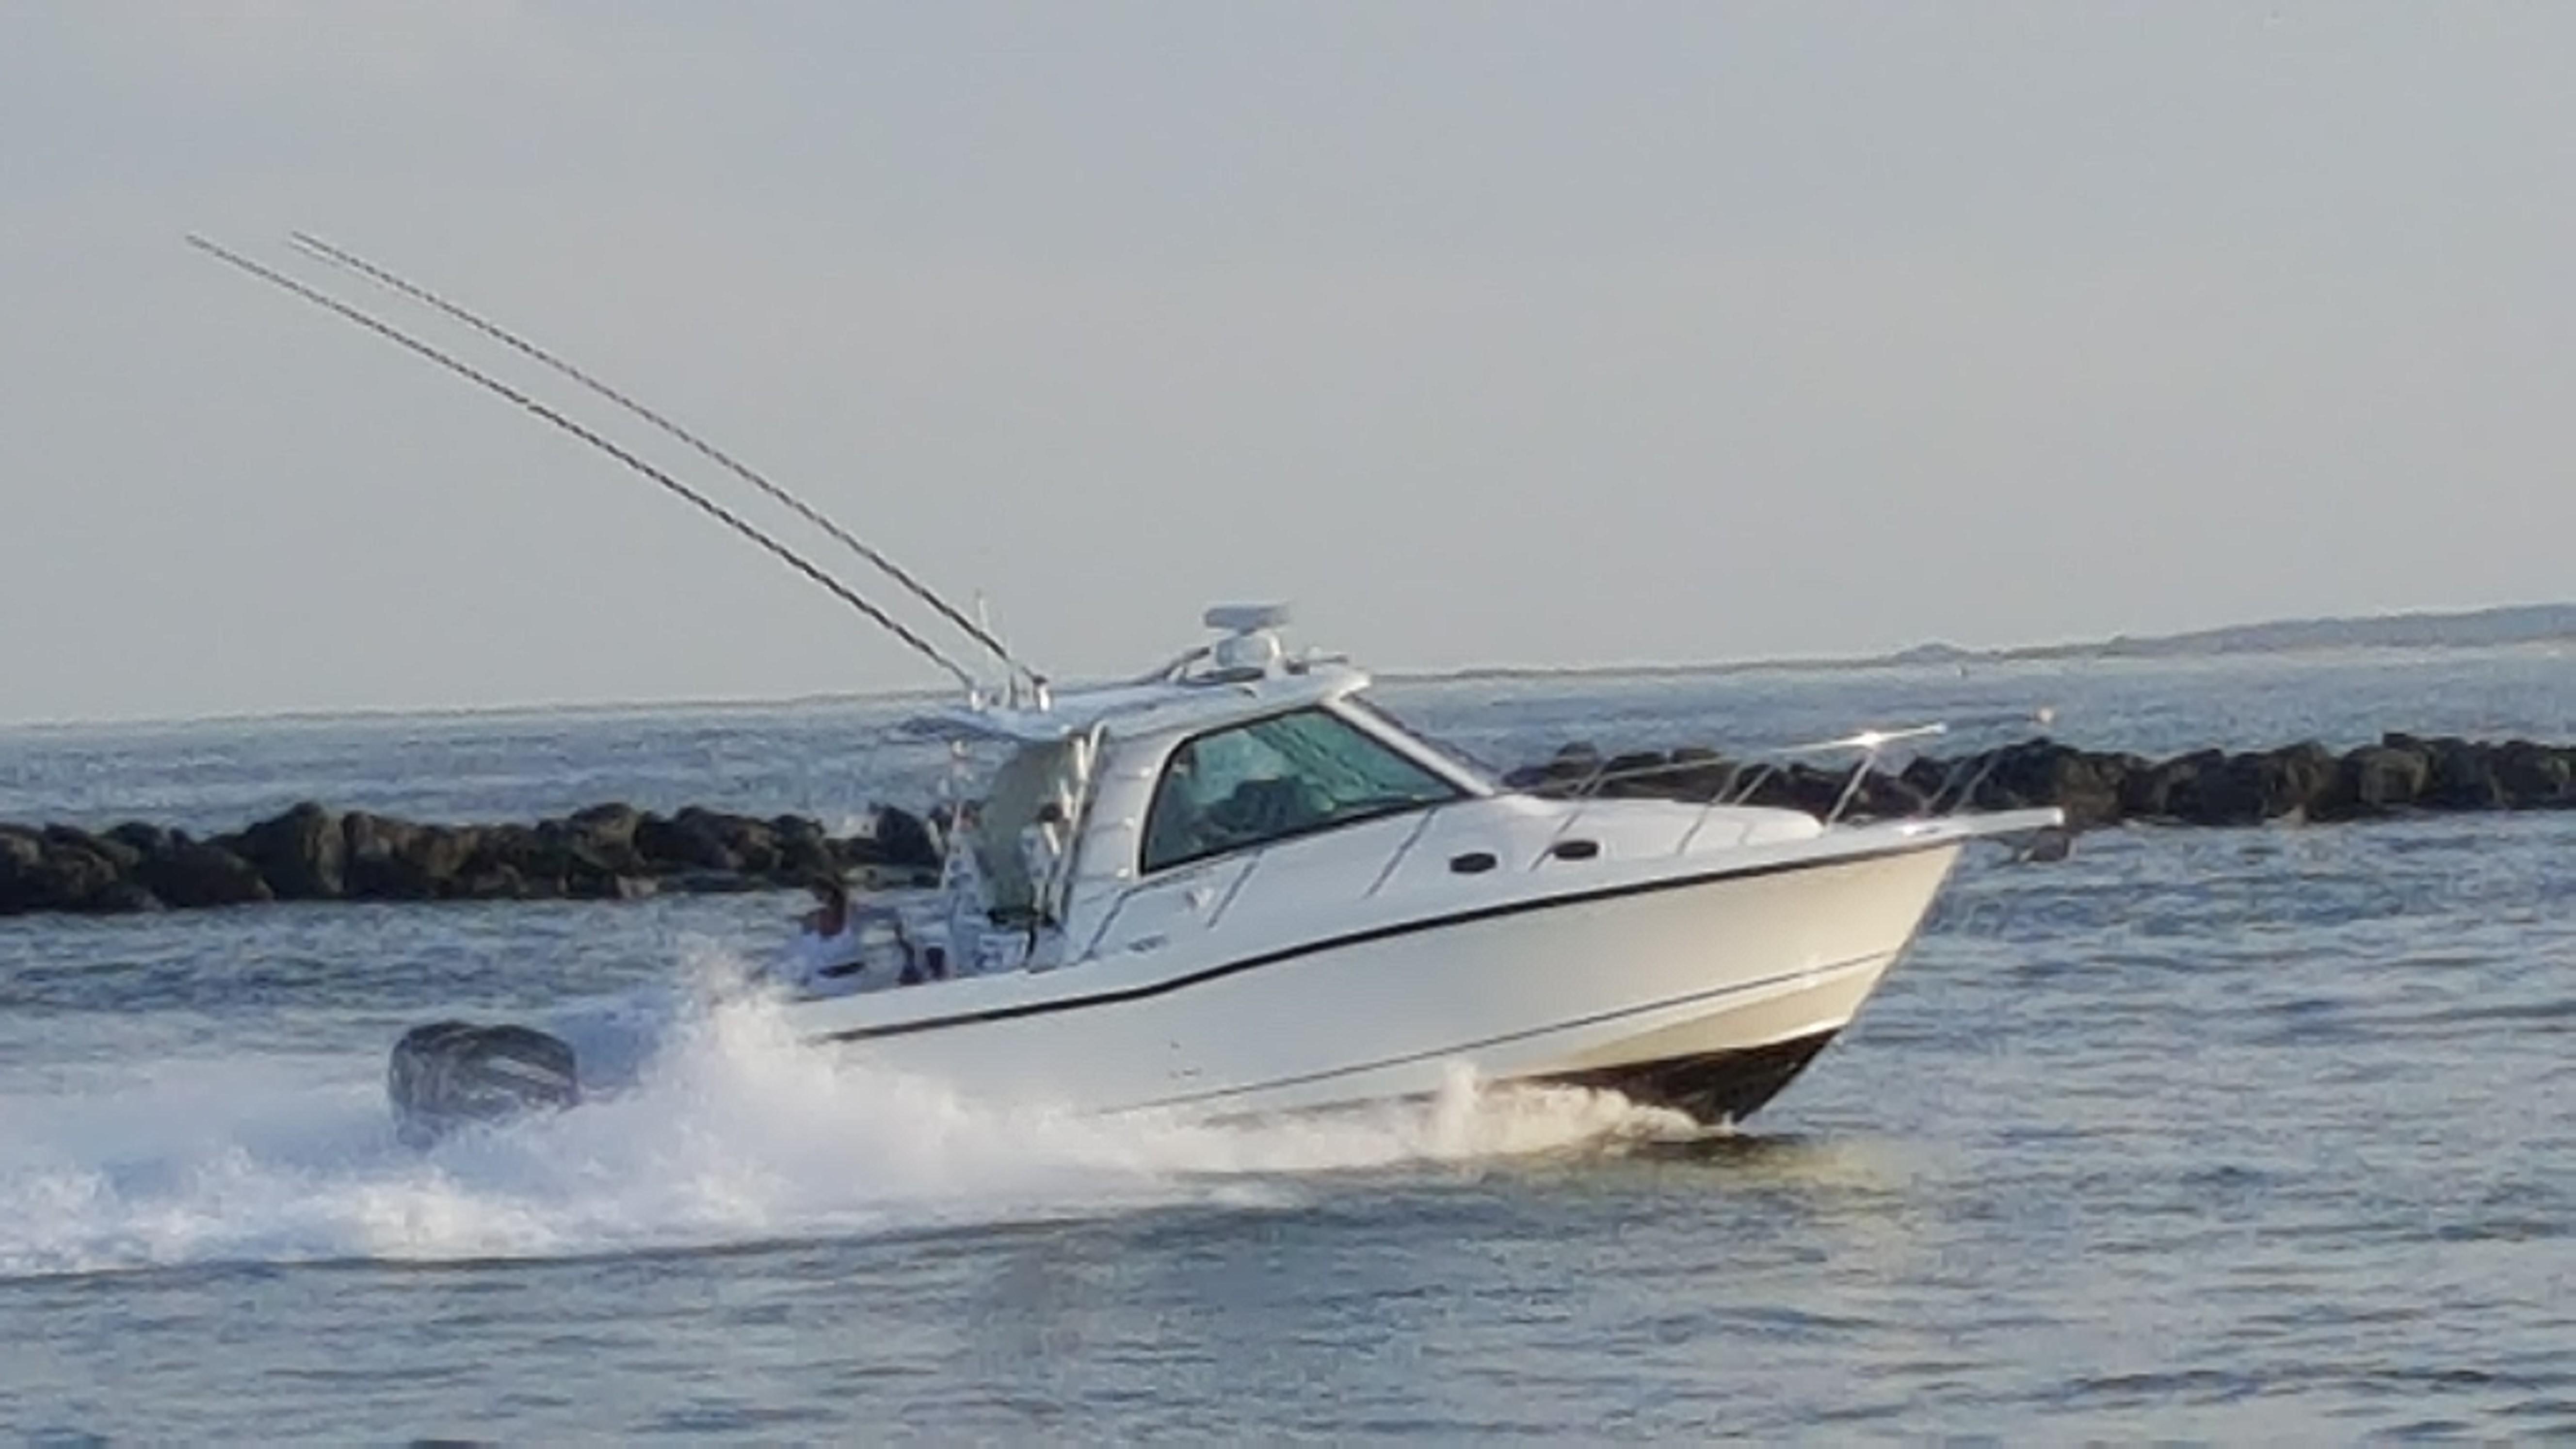 34 Boston Whaler Killer Whaler 2008 Ocean CIty | Denison Yacht Sales